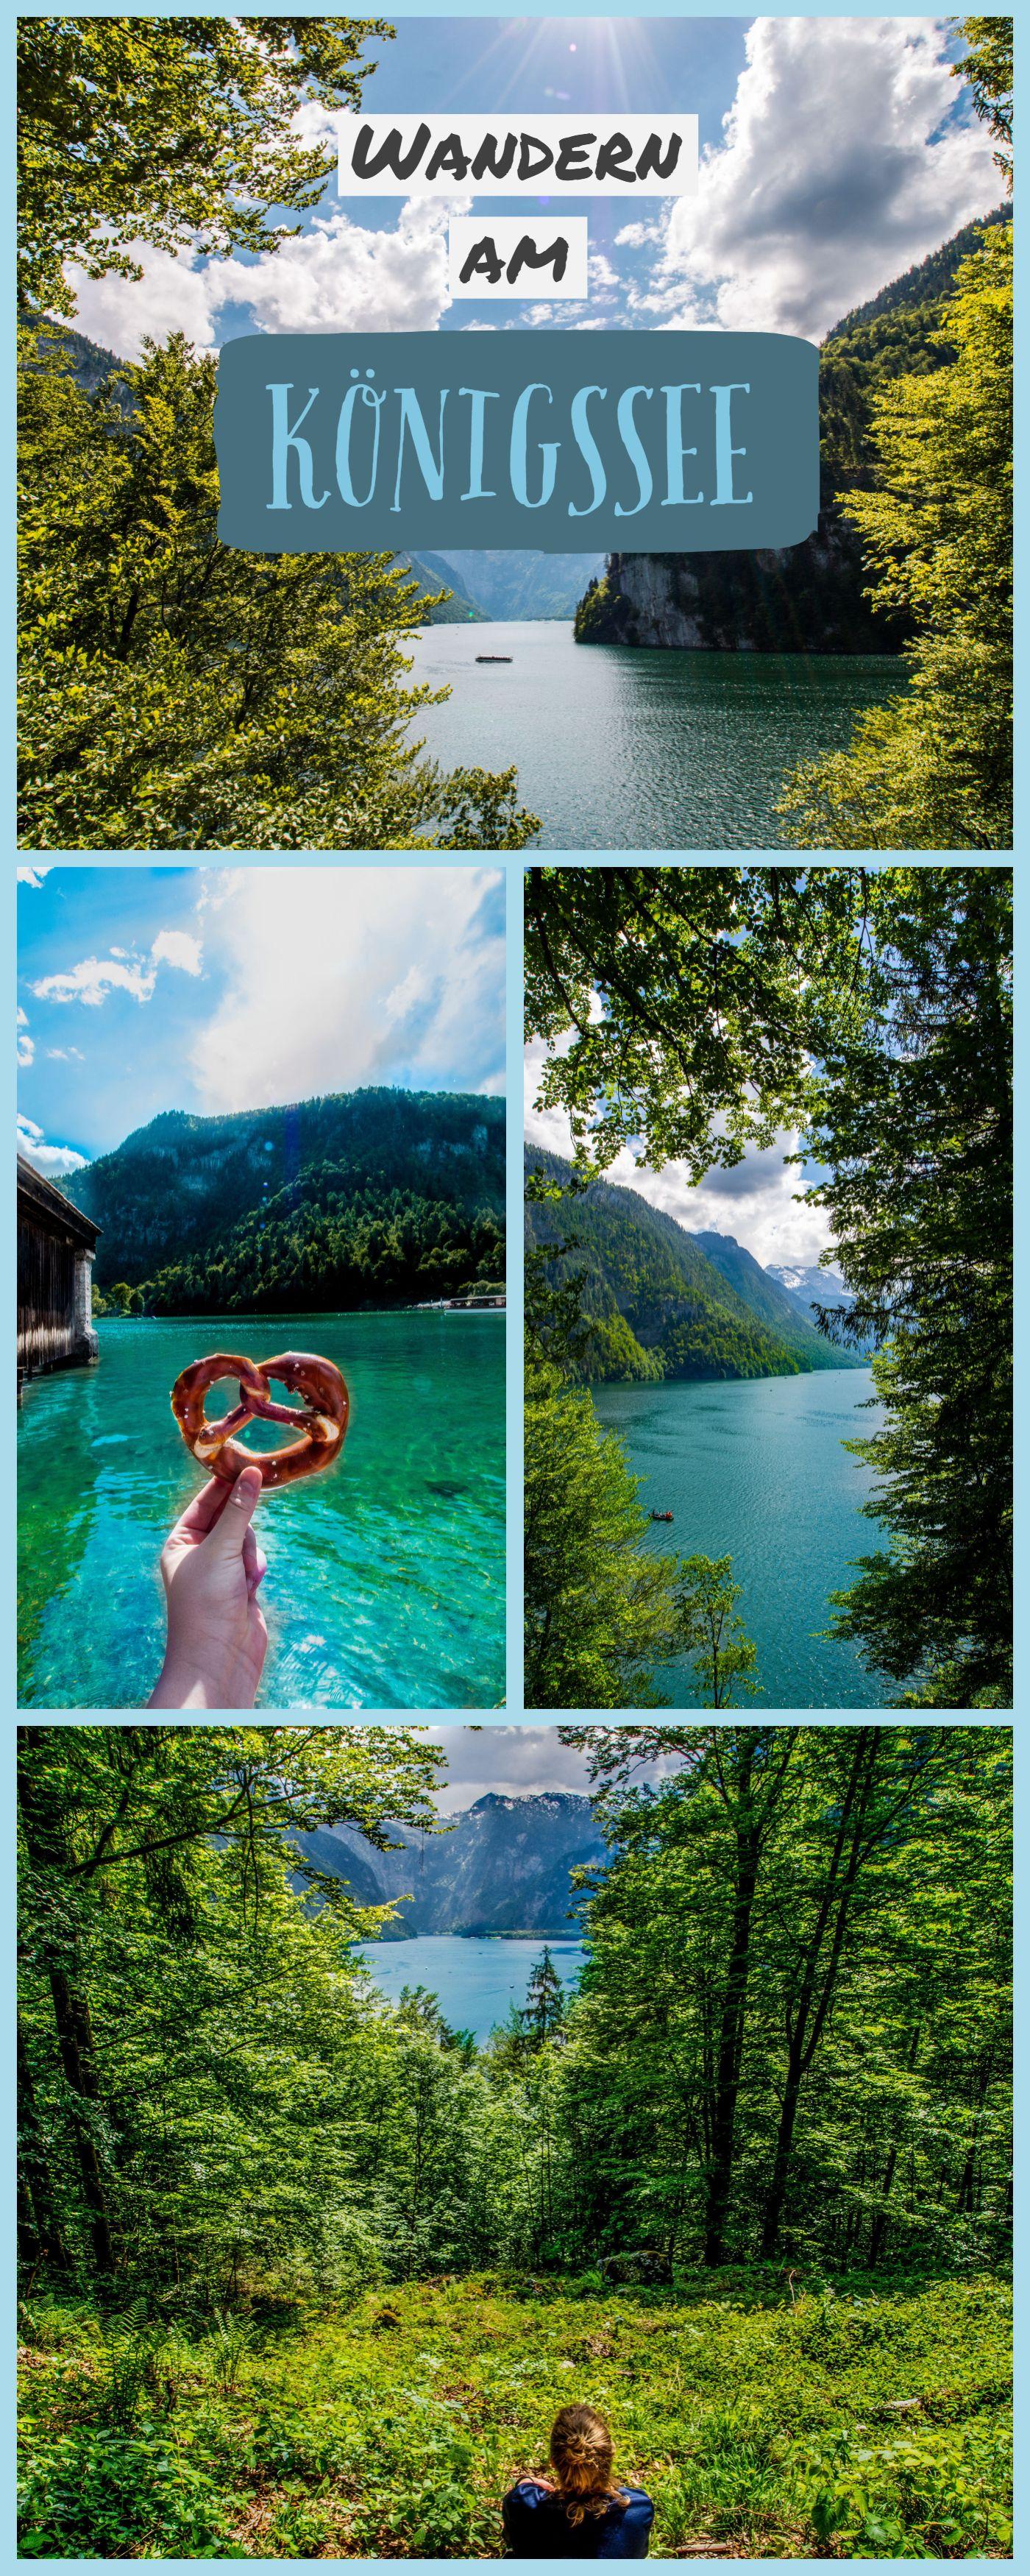 Wandern am Königssee – Der Rundweg Malerwinkel – Sophias Welt